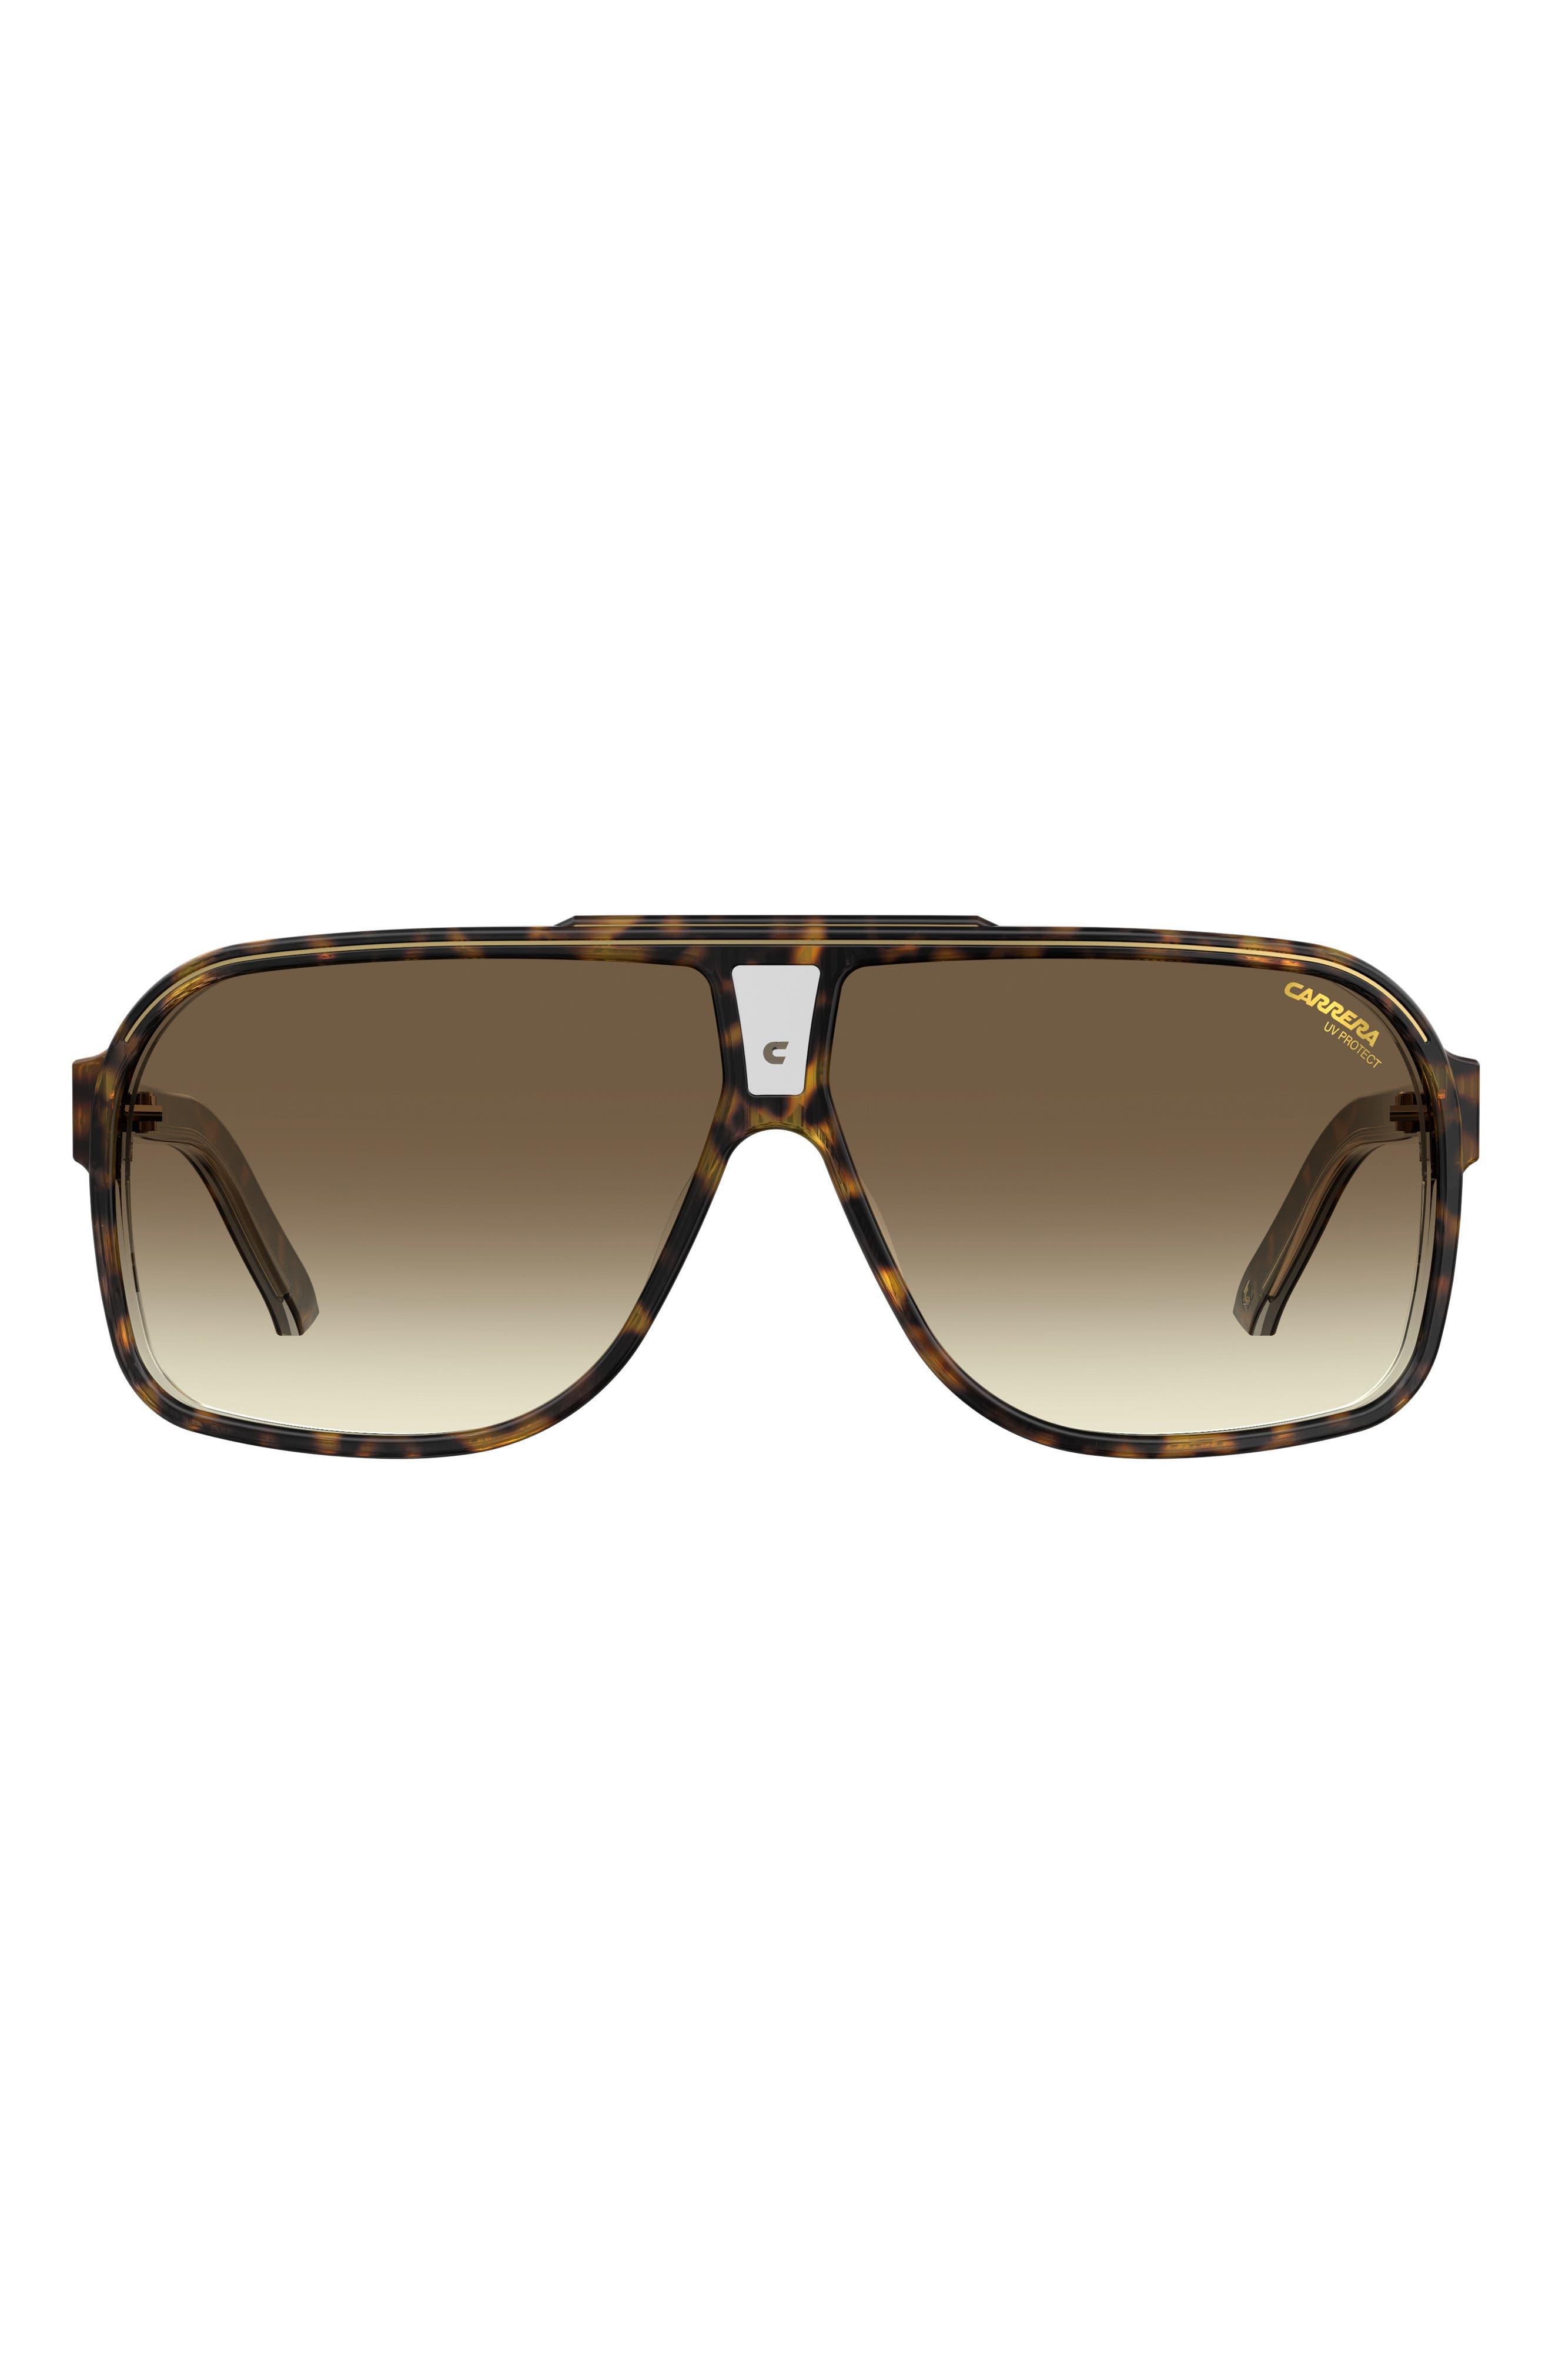 Grand Prix 2 64mm Oversize Aviator Sunglasses